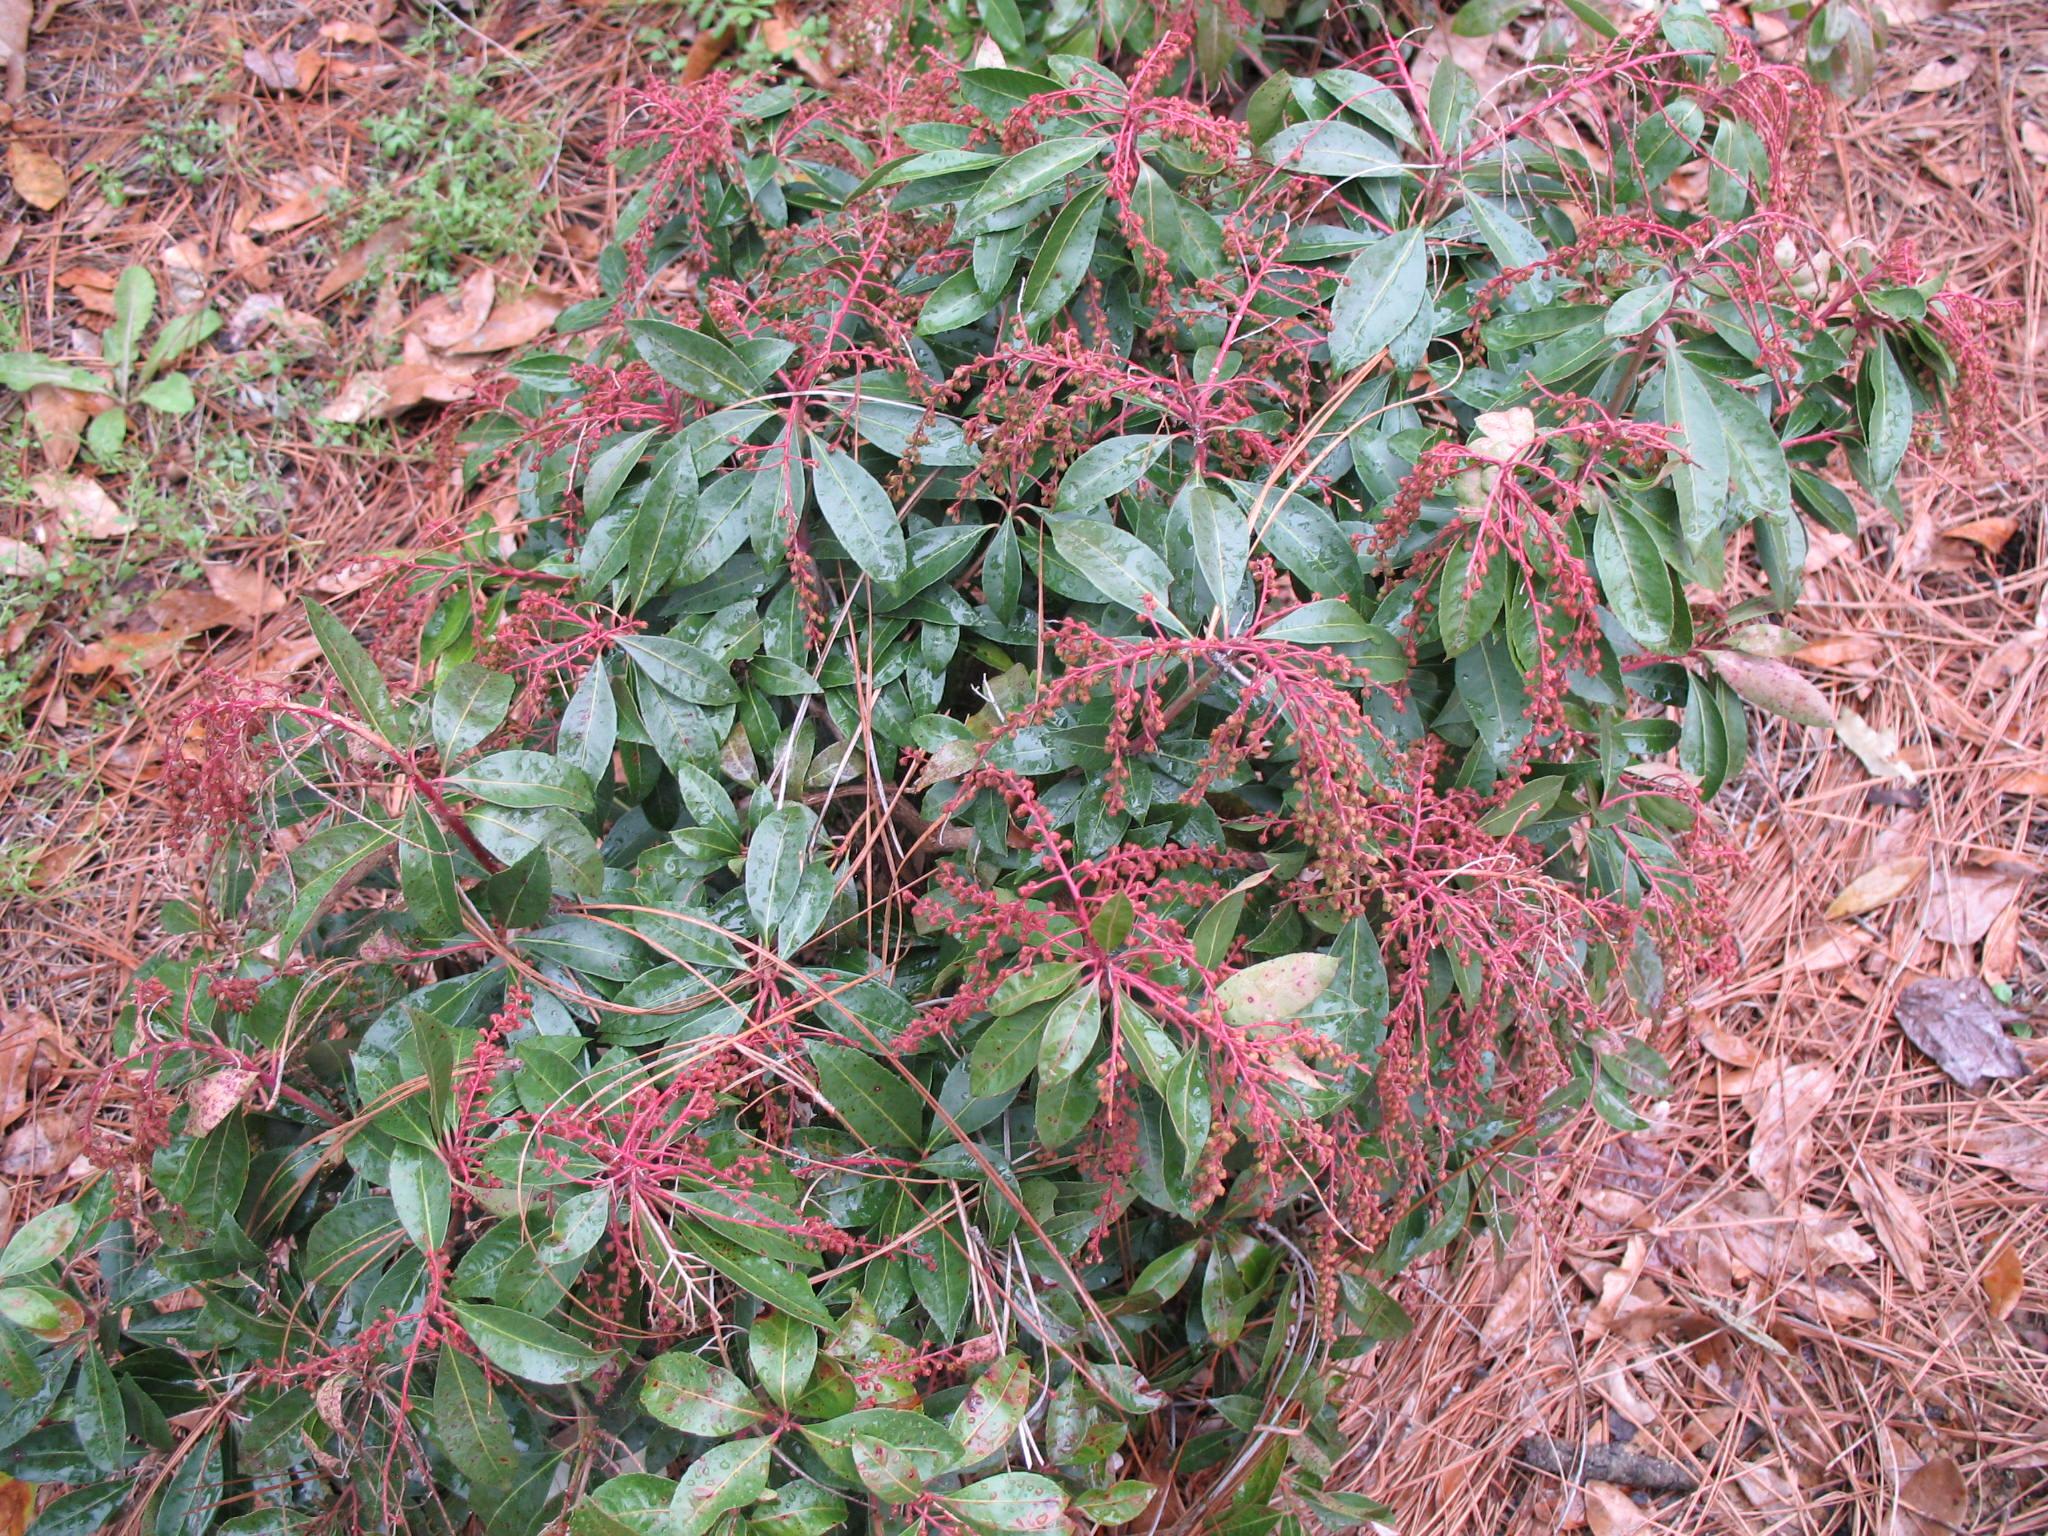 Pieris japonica 'Bridal Veils'  / Pieris japonica 'Bridal Veils'